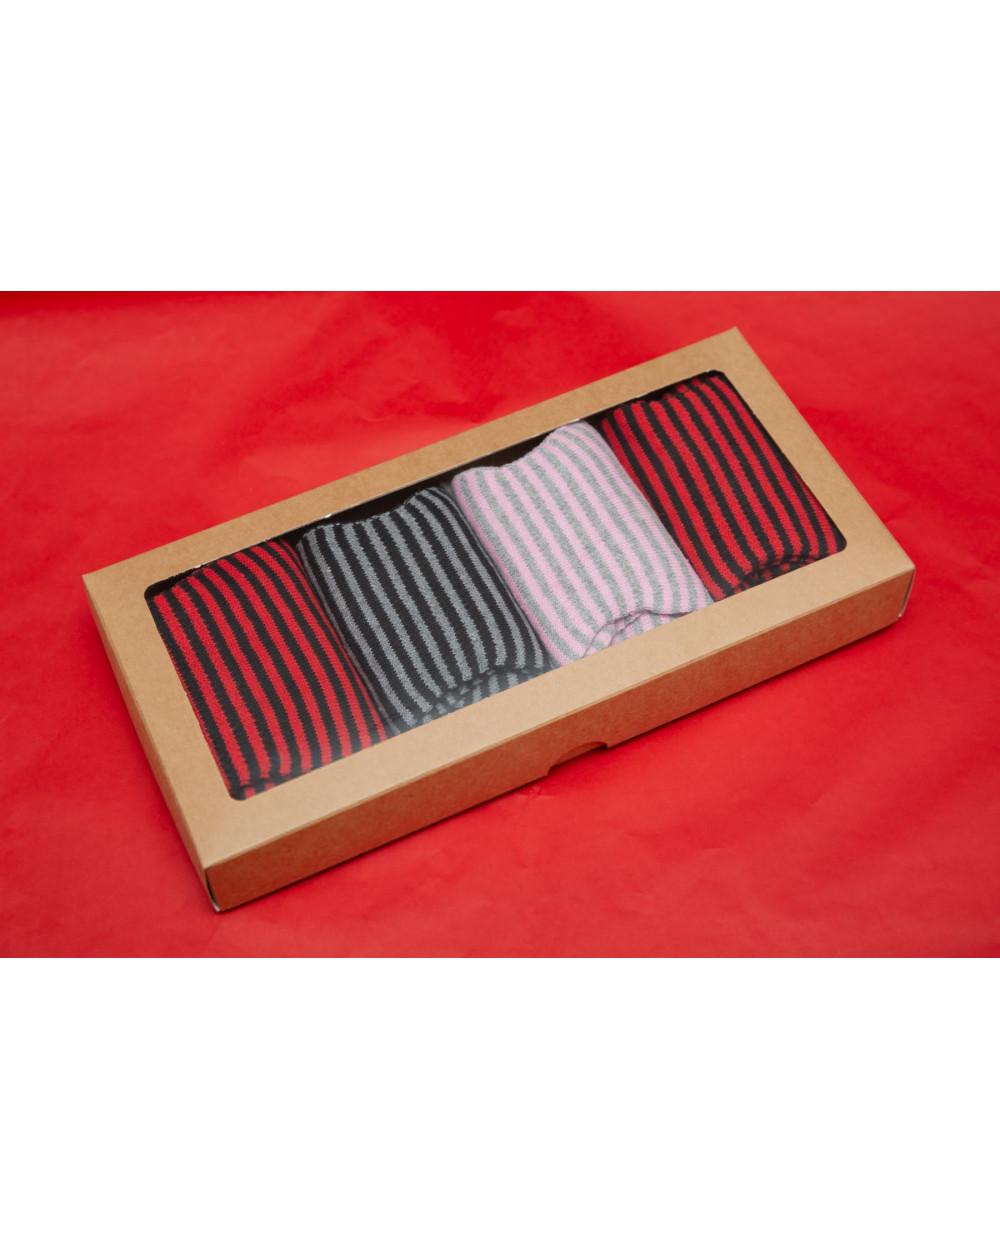 Šventiškai supakuotos 4 poros medvilninių pirštuotų kojinių 992